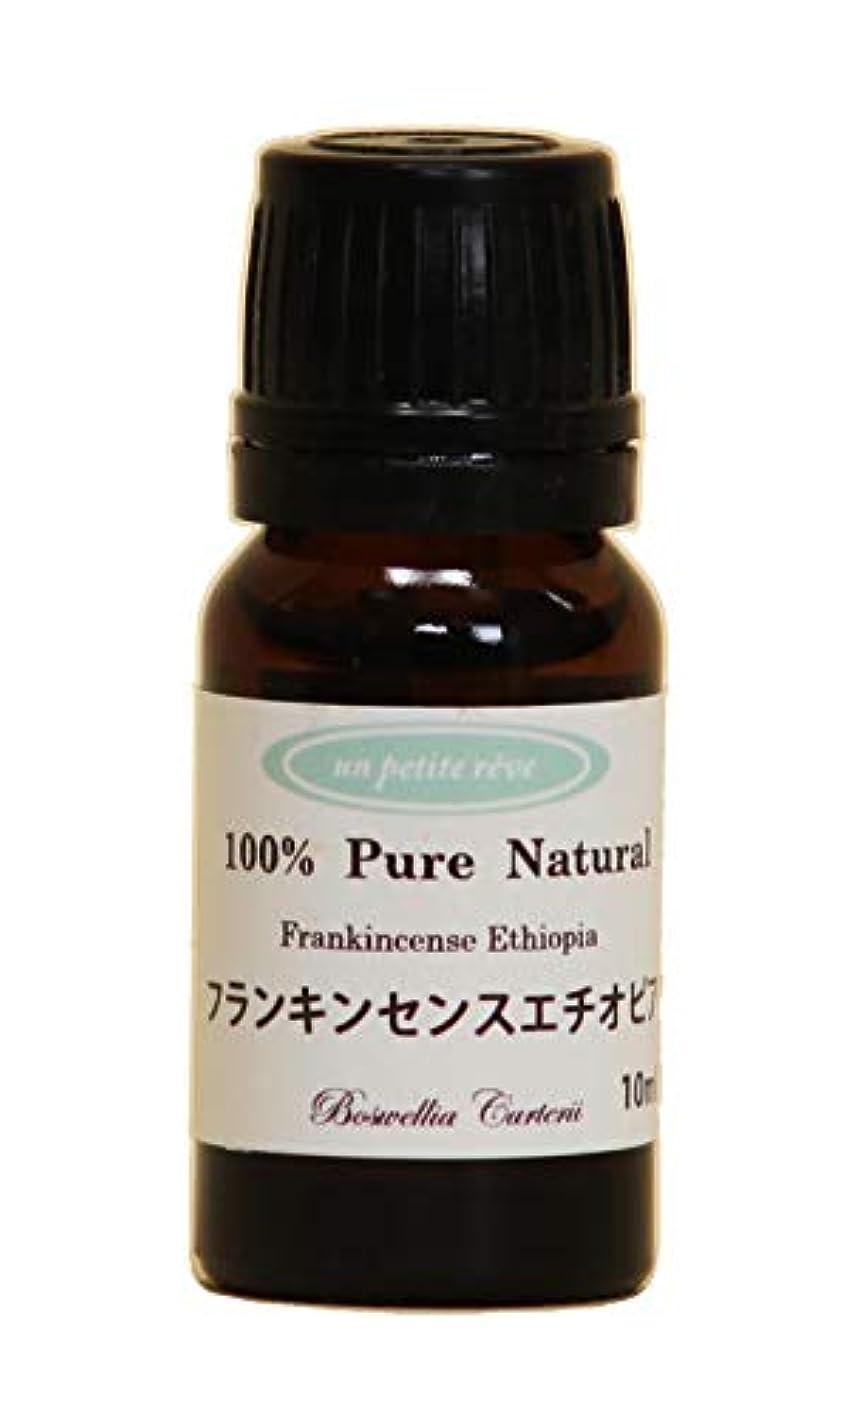 のメアリアンジョーンズボトルネックフランキンセンスエチオピア 10ml 100%天然アロマエッセンシャルオイル(精油)